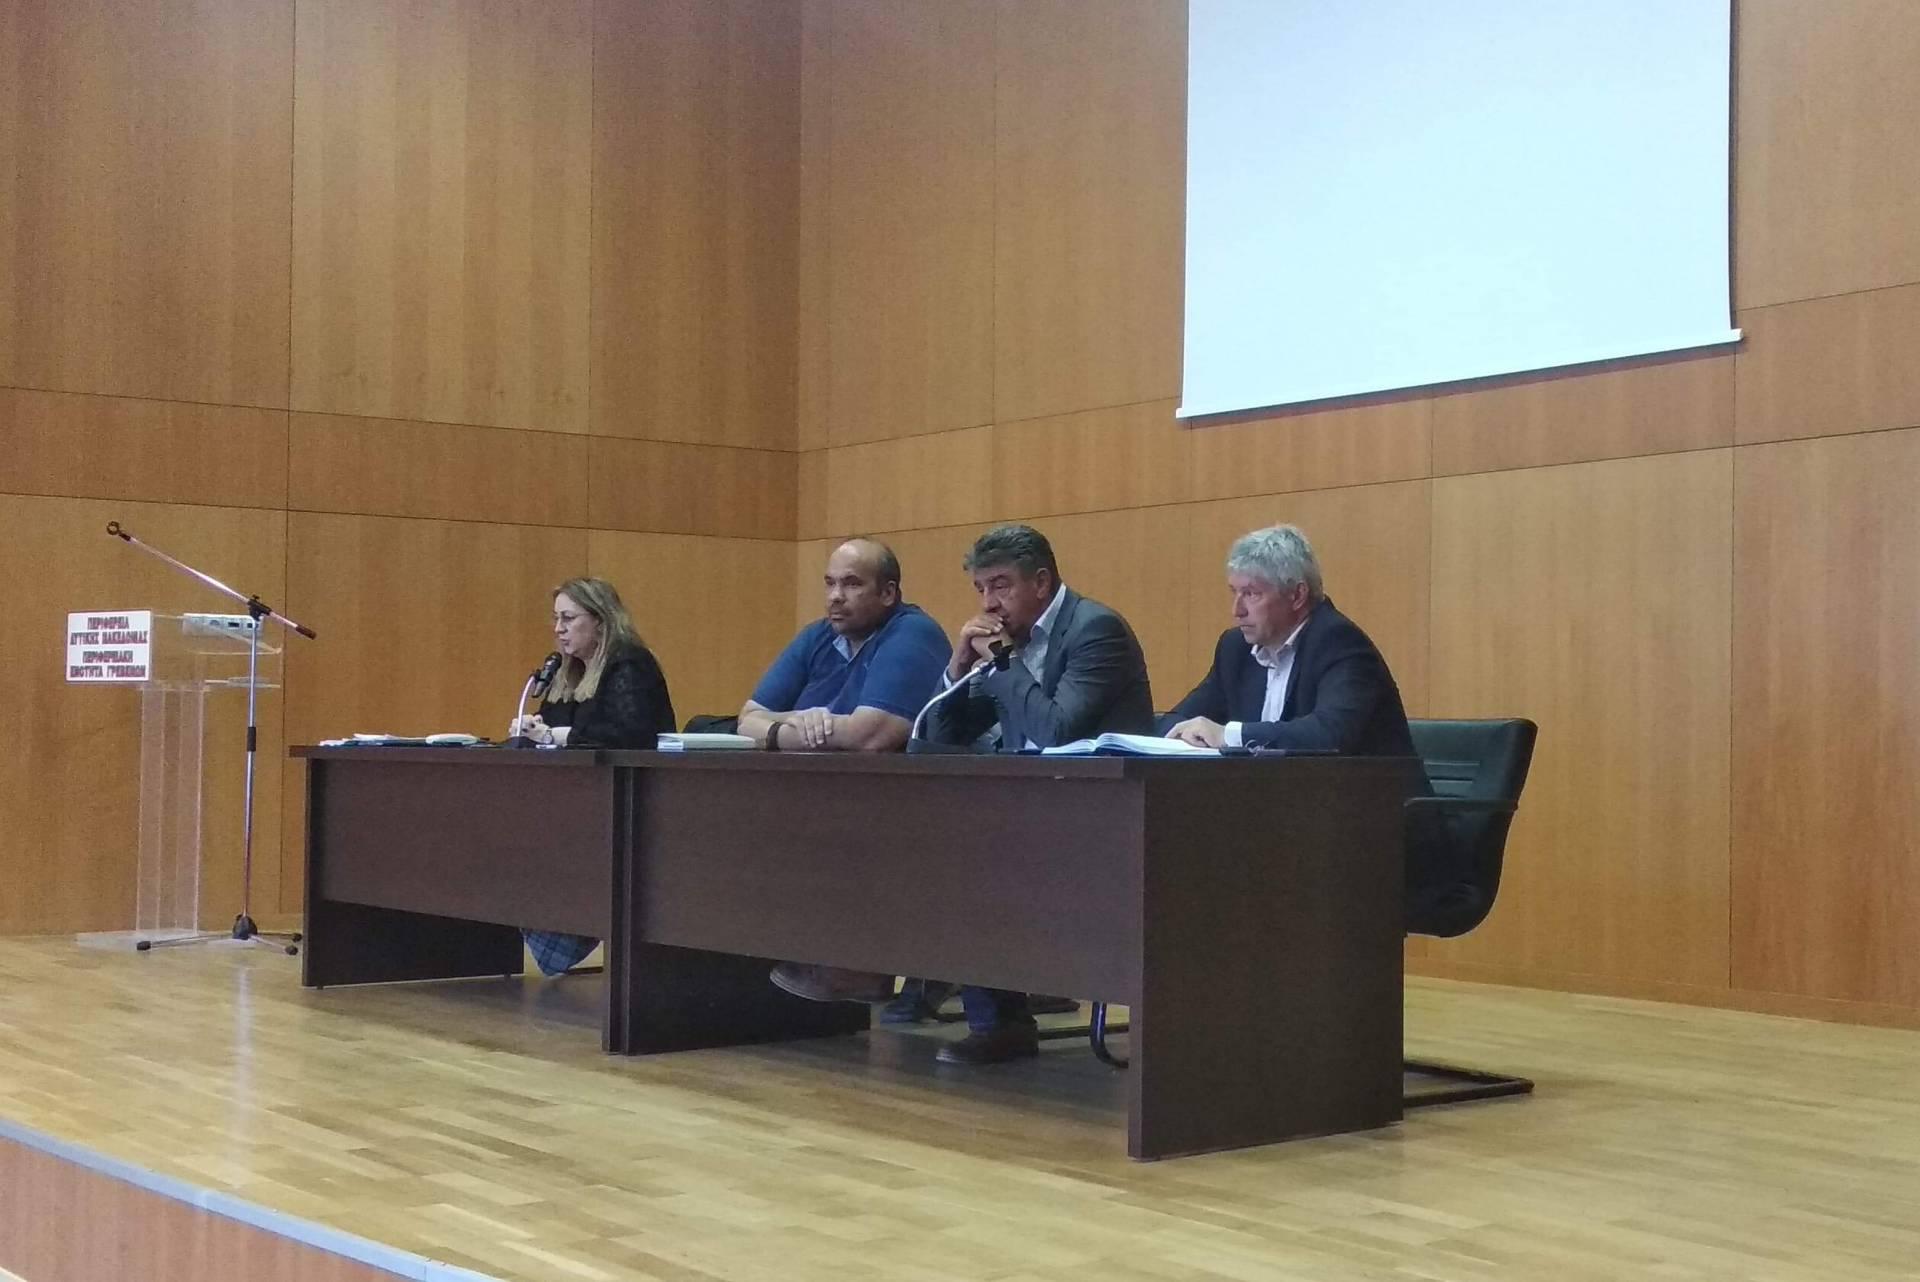 Συνεδρίαση του Συντονιστικού Οργάνου Πολιτικής Προστασίας Π.Ε. Γρεβενών ενόψει της νέας αντιπυρικής περιόδου